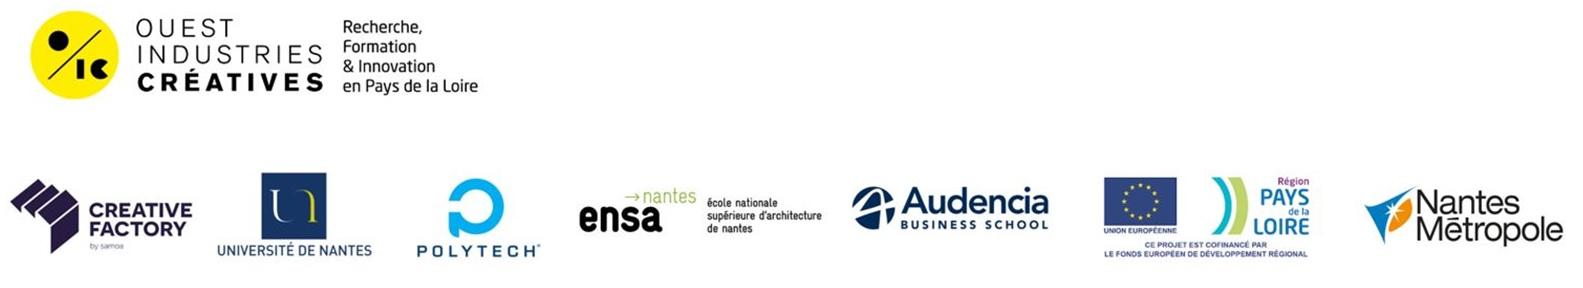 oic_expe_nantes_challenges_partenaires